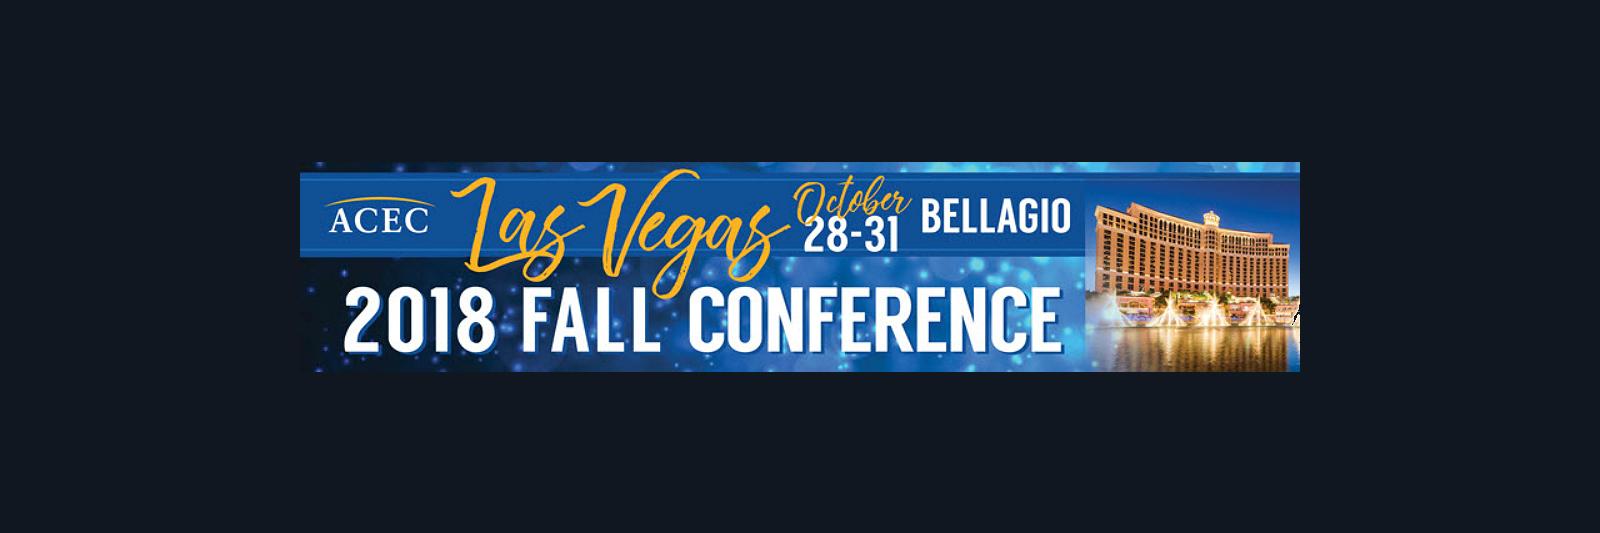 2018FallConference-1600x533bg.jpg